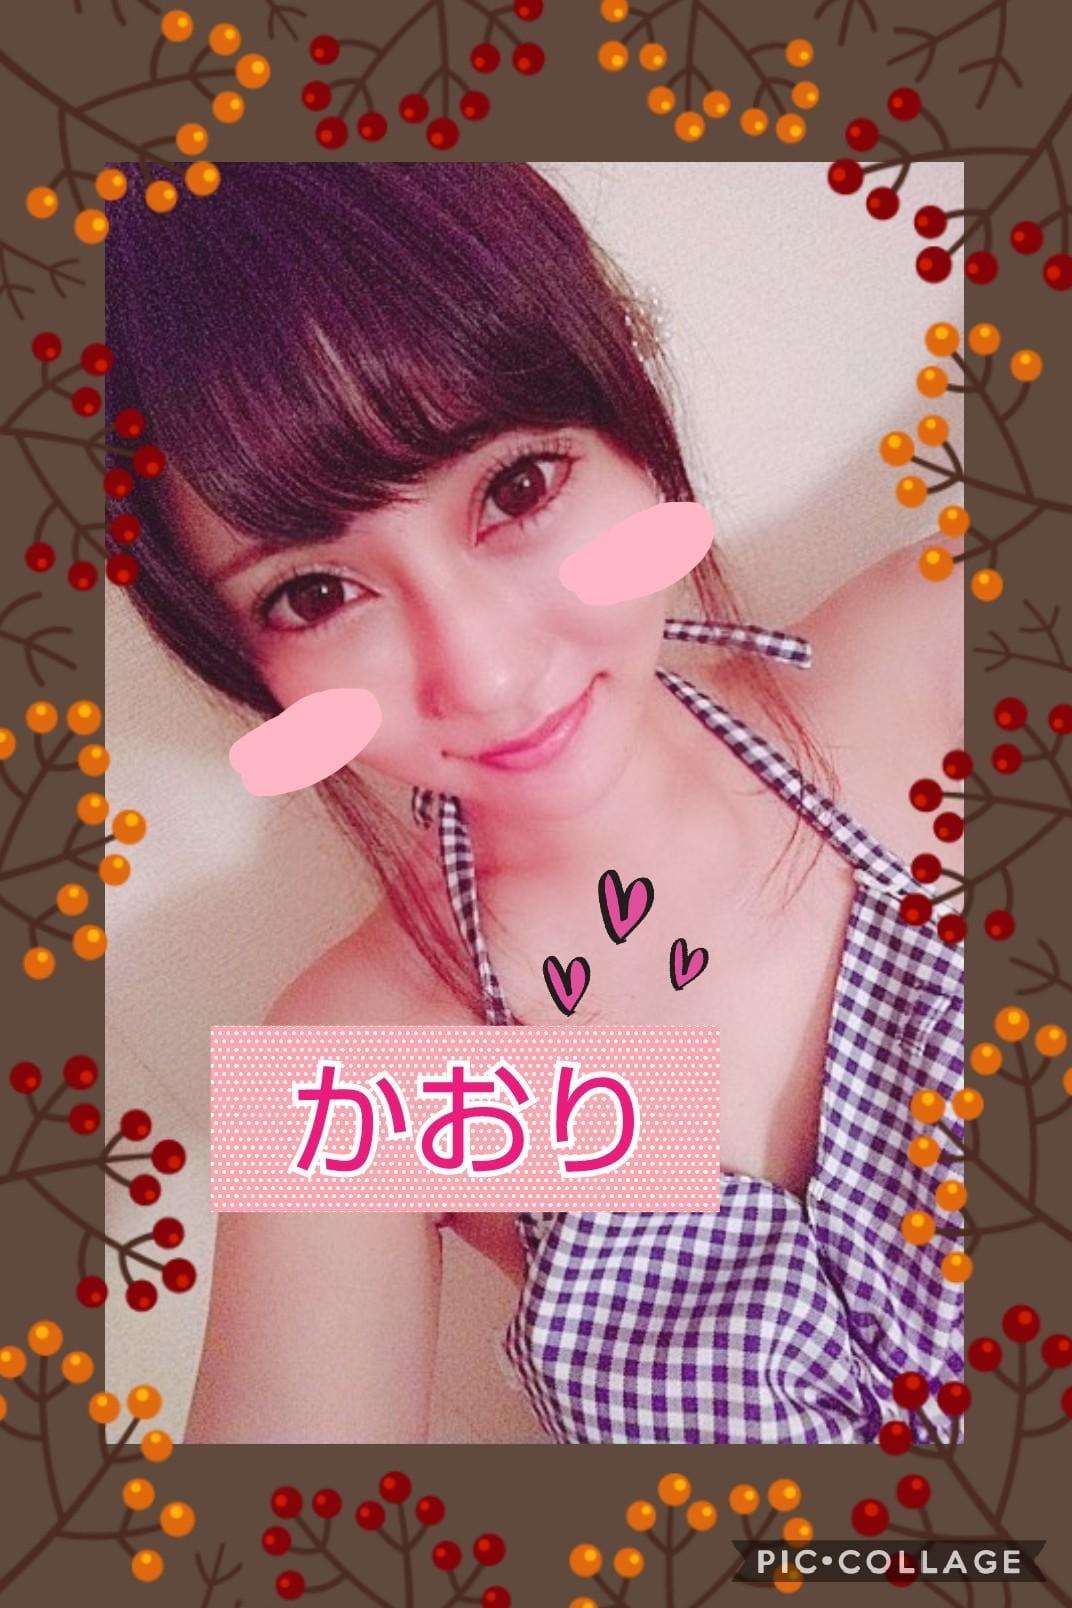 「☆★後ろに結んでるだけ★☆」10/07(10/07) 17:15 | かおりの写メ・風俗動画